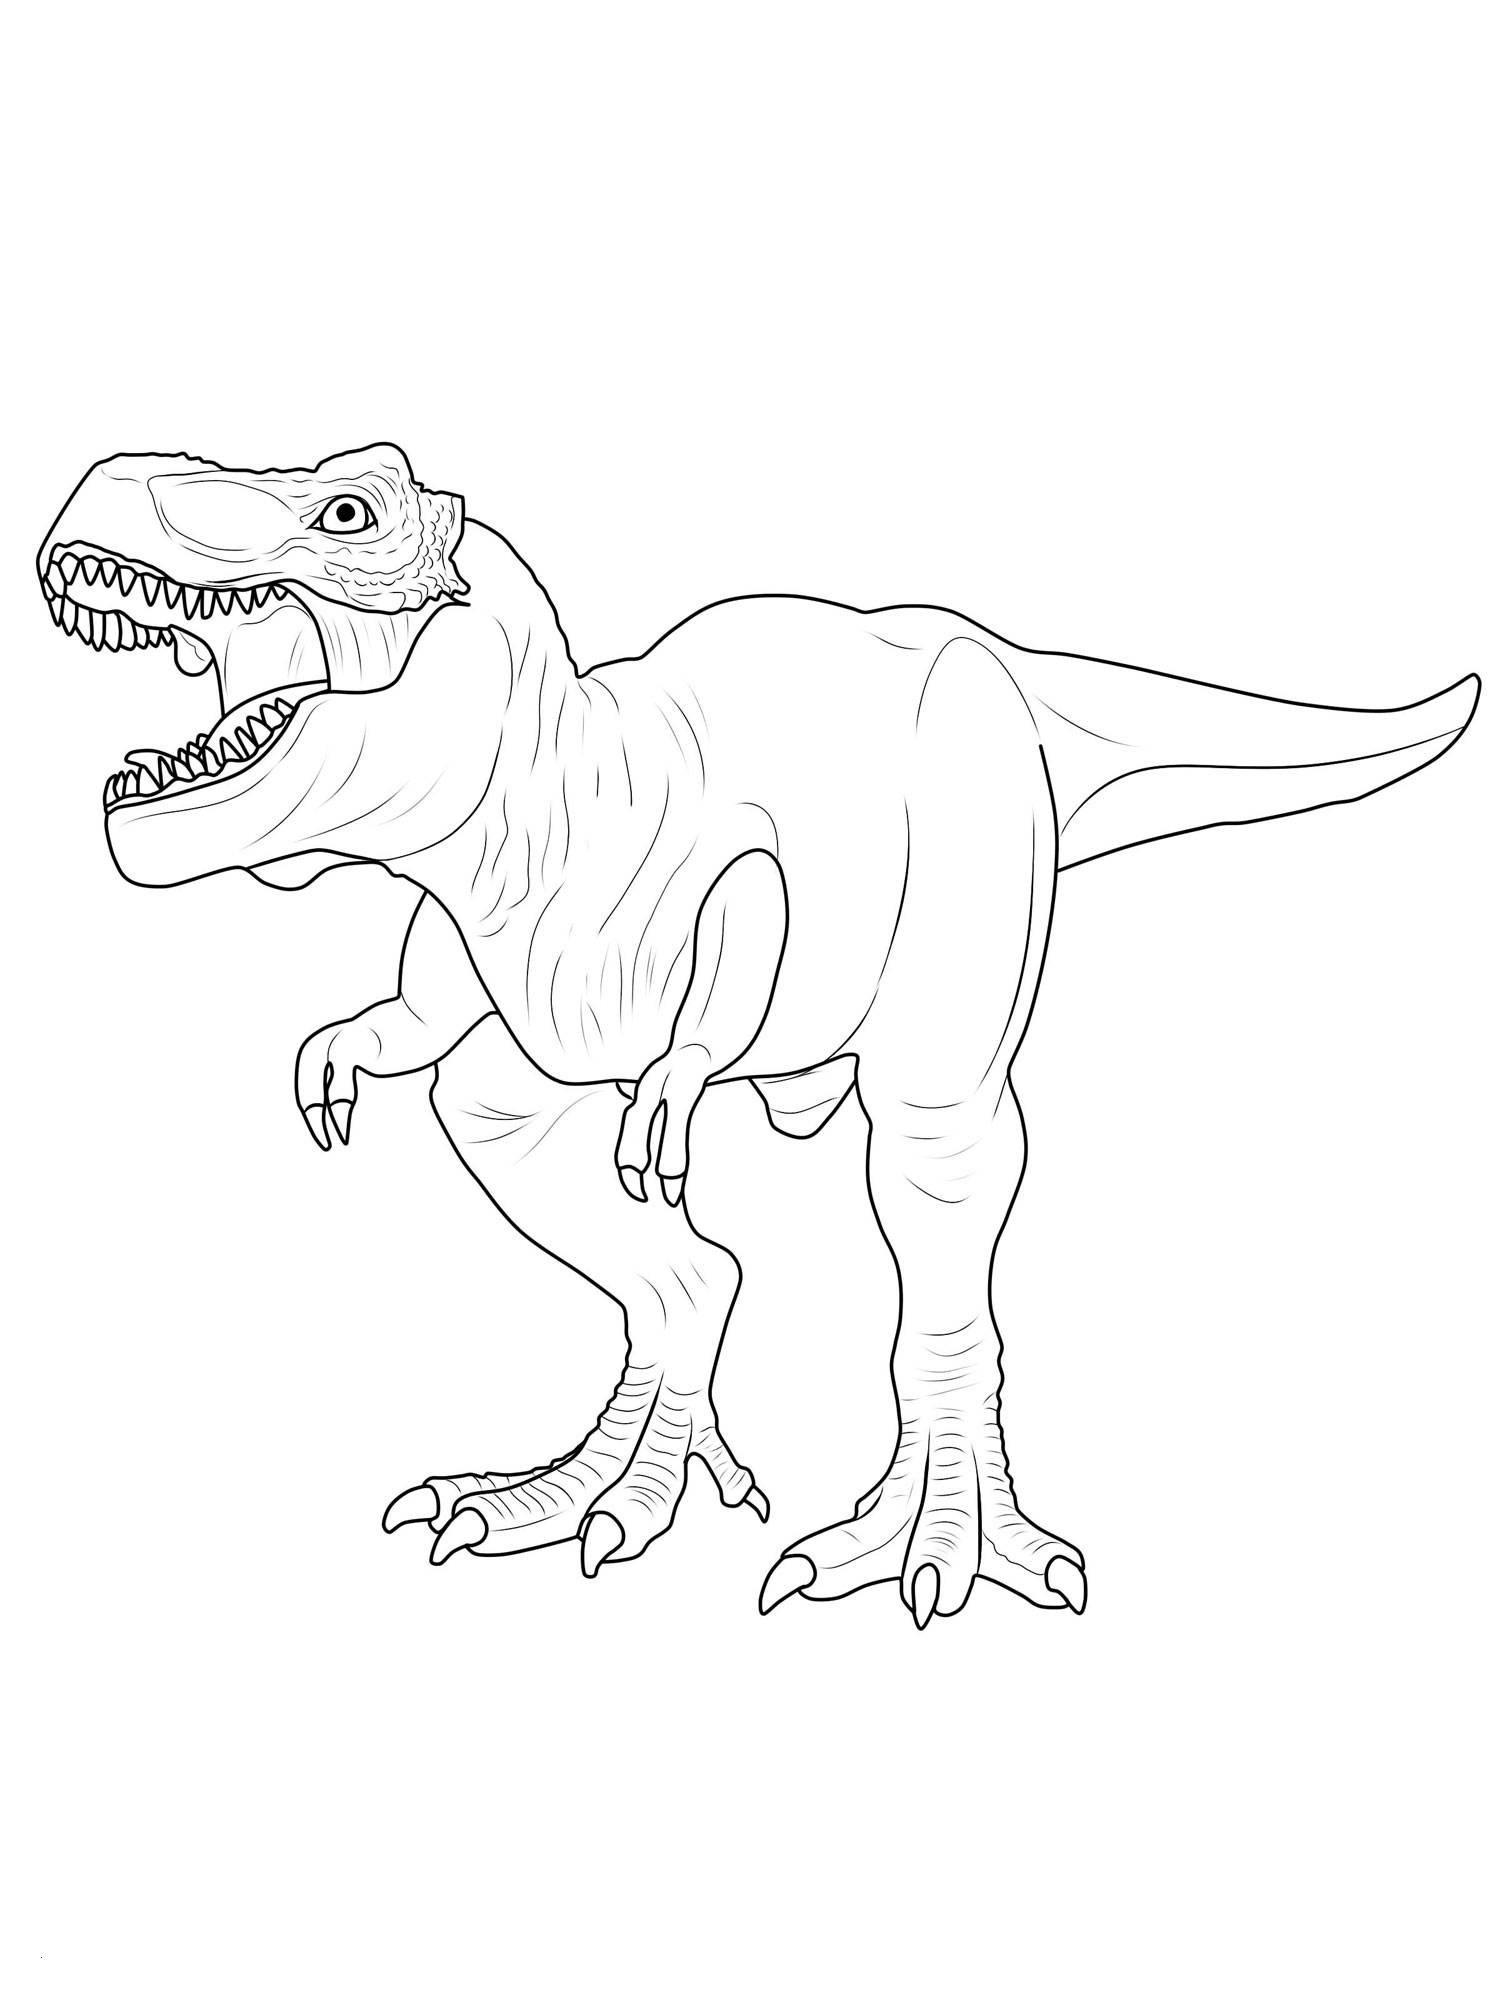 T Rex Zum Ausmalen Einzigartig 40 Ausmalbilder Dinosaurier Rex Scoredatscore Einzigartig Fotografieren